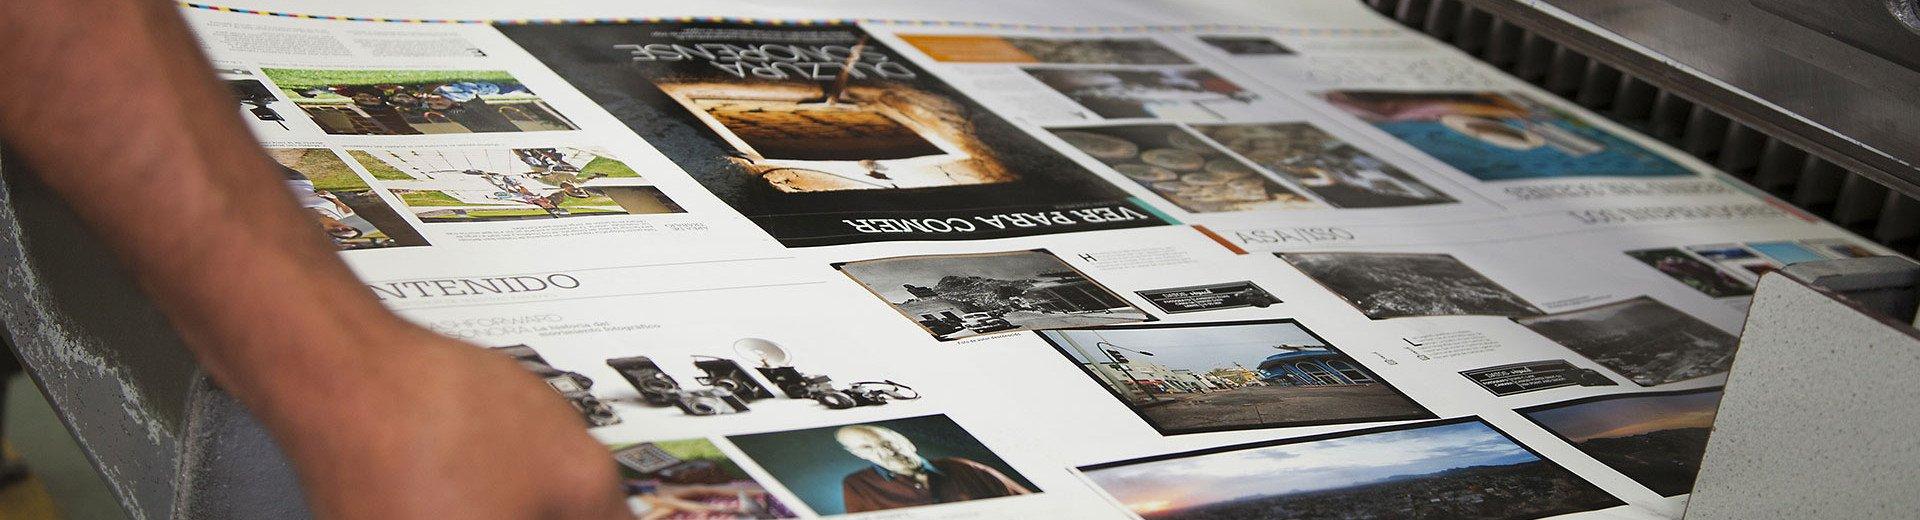 Okładka artykułu Jak dobrać odpowiednie DPI? — Podstawowe zasady tworzenia plików do druku